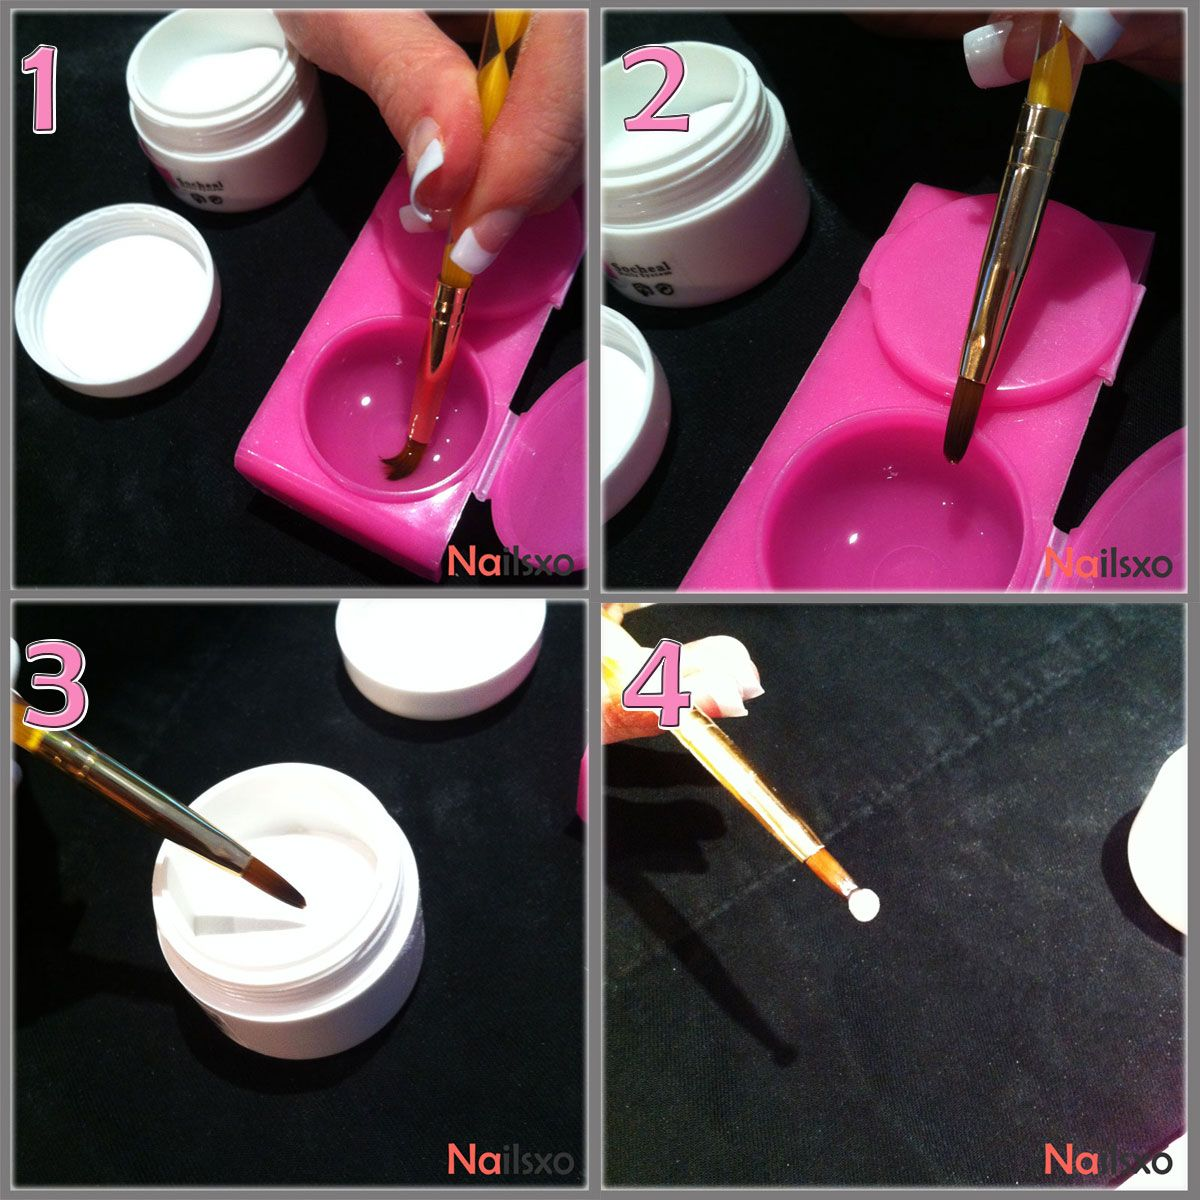 Creating Acrylic Nails At Home Nailsxo Acrylic Nails At Home Diy Acrylic Nails Nails At Home